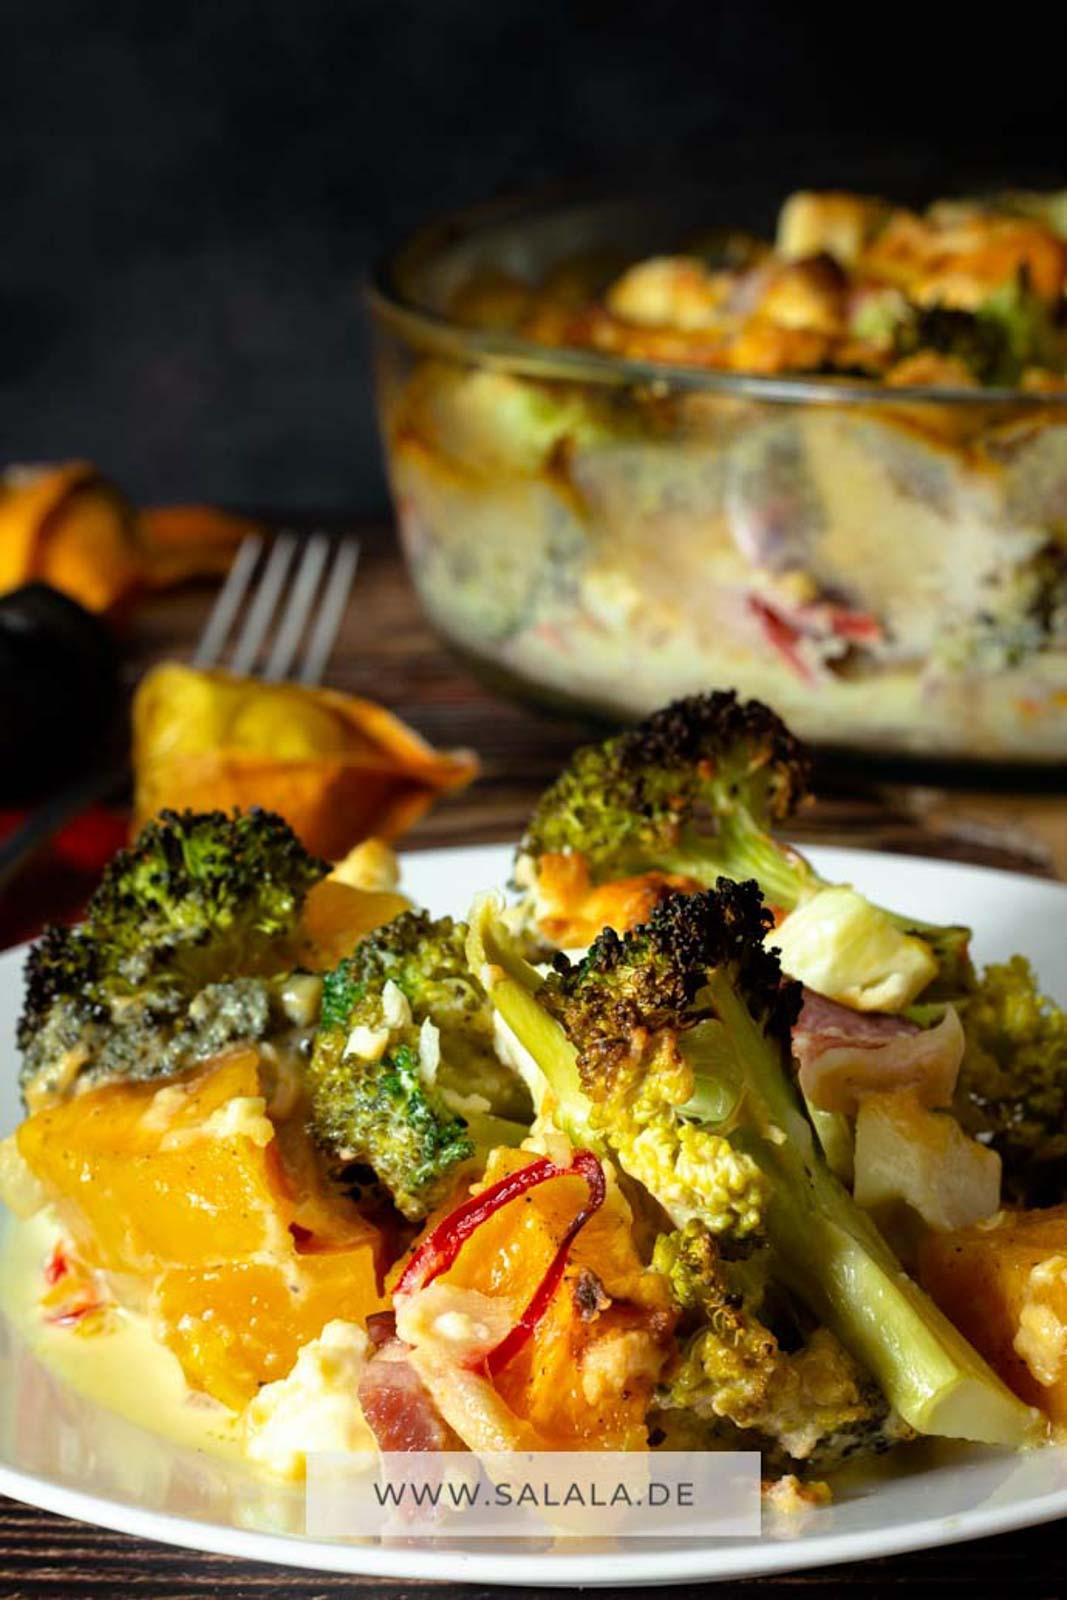 Kürbis passt perfekt in den Herbst. Und weil du Brokkoli und auch Feta magst haben wir die 3 Sachen in eine Auflaufform geworfen und einen Kürbis-Brokkoli-Feta-Auflauf gemacht. Im Rezept selber ist auch noch ein wenig Sahne und Chili, natürlich wie immer total Low Carb :). #BrokkoliAulauf #Kuerbisauflauf #LowCarbAuflauf #AuflaufmitFeta #RezeptemitBrokkoli #LowCarbRezepte